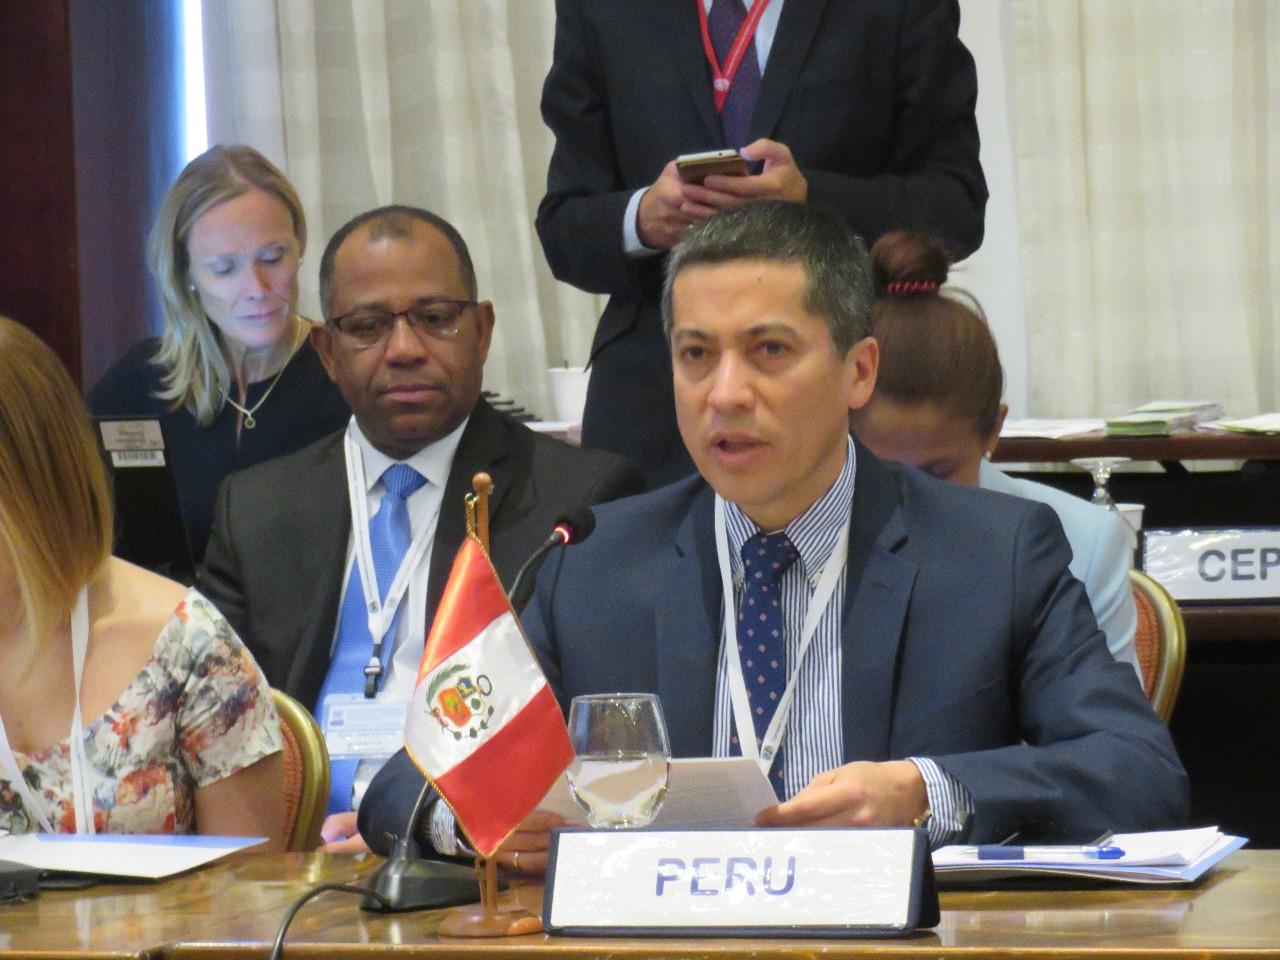 El Viceministro de Desarrollo Estratégico de los Recursos Naturales de Perú, Fernando León Morales, participó de las negociaciones de Costa Rica. Foto: DAR